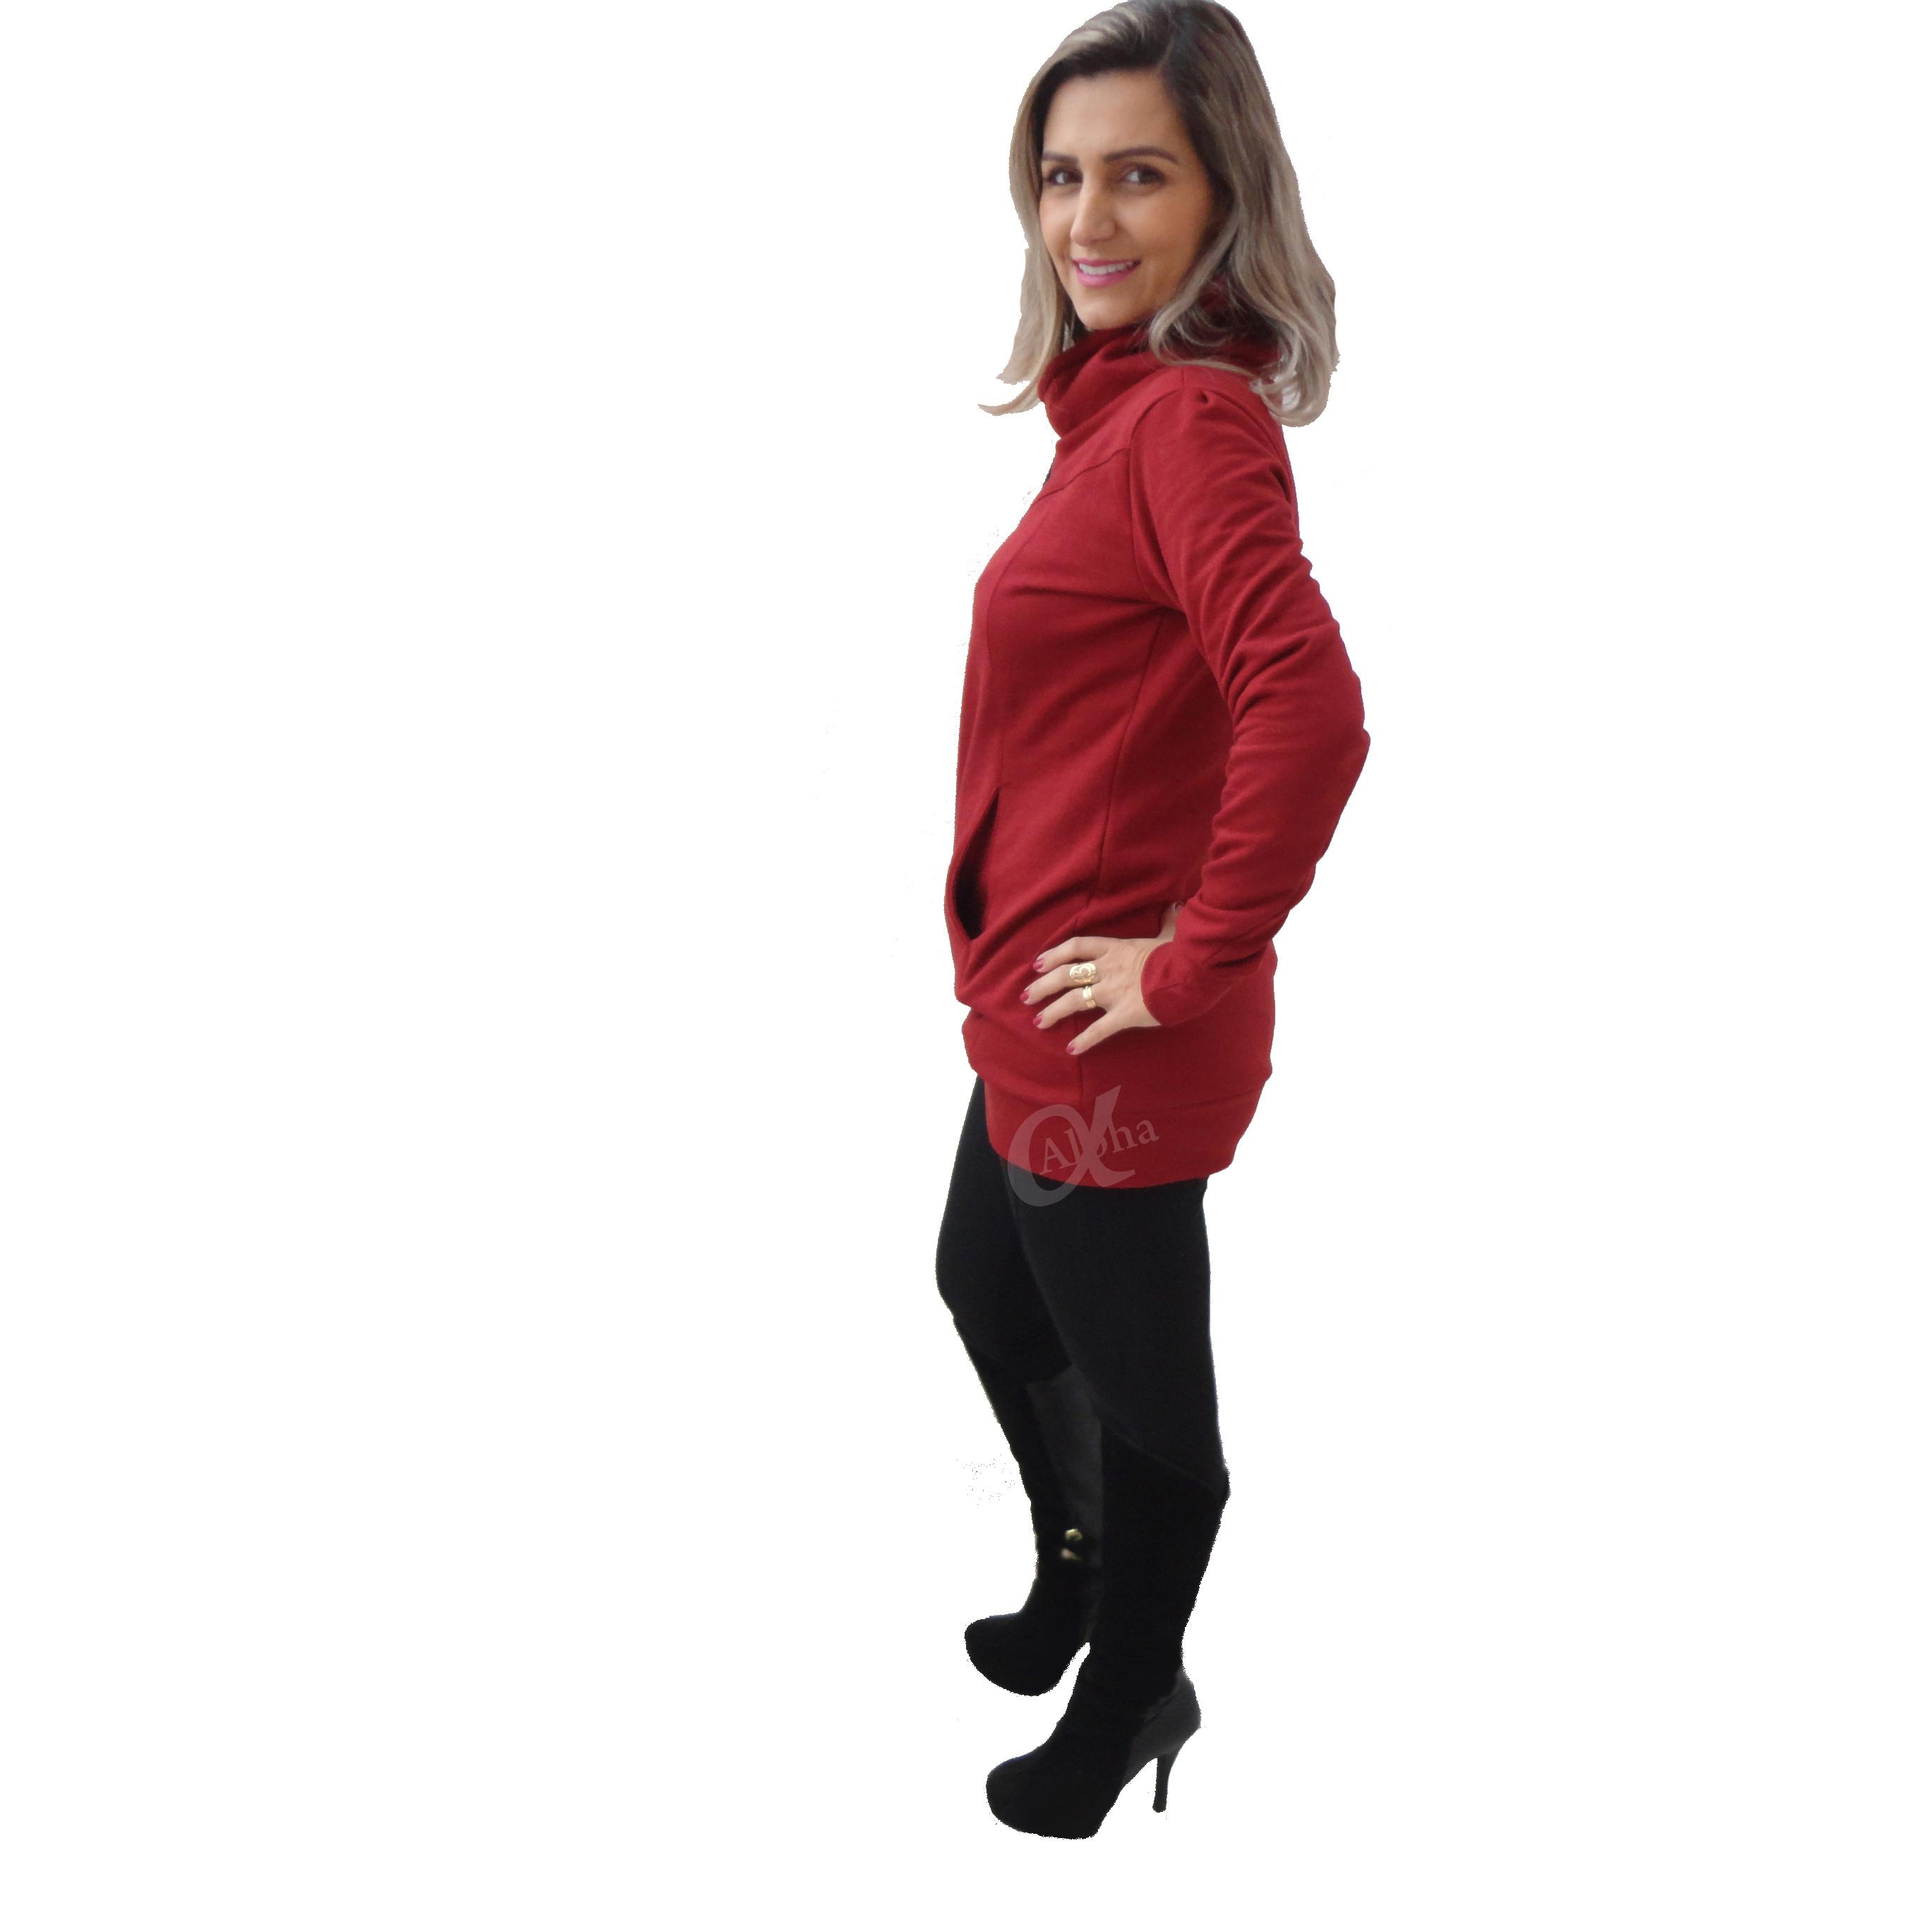 Blusa de moletom feminina over size alpha moda social 4